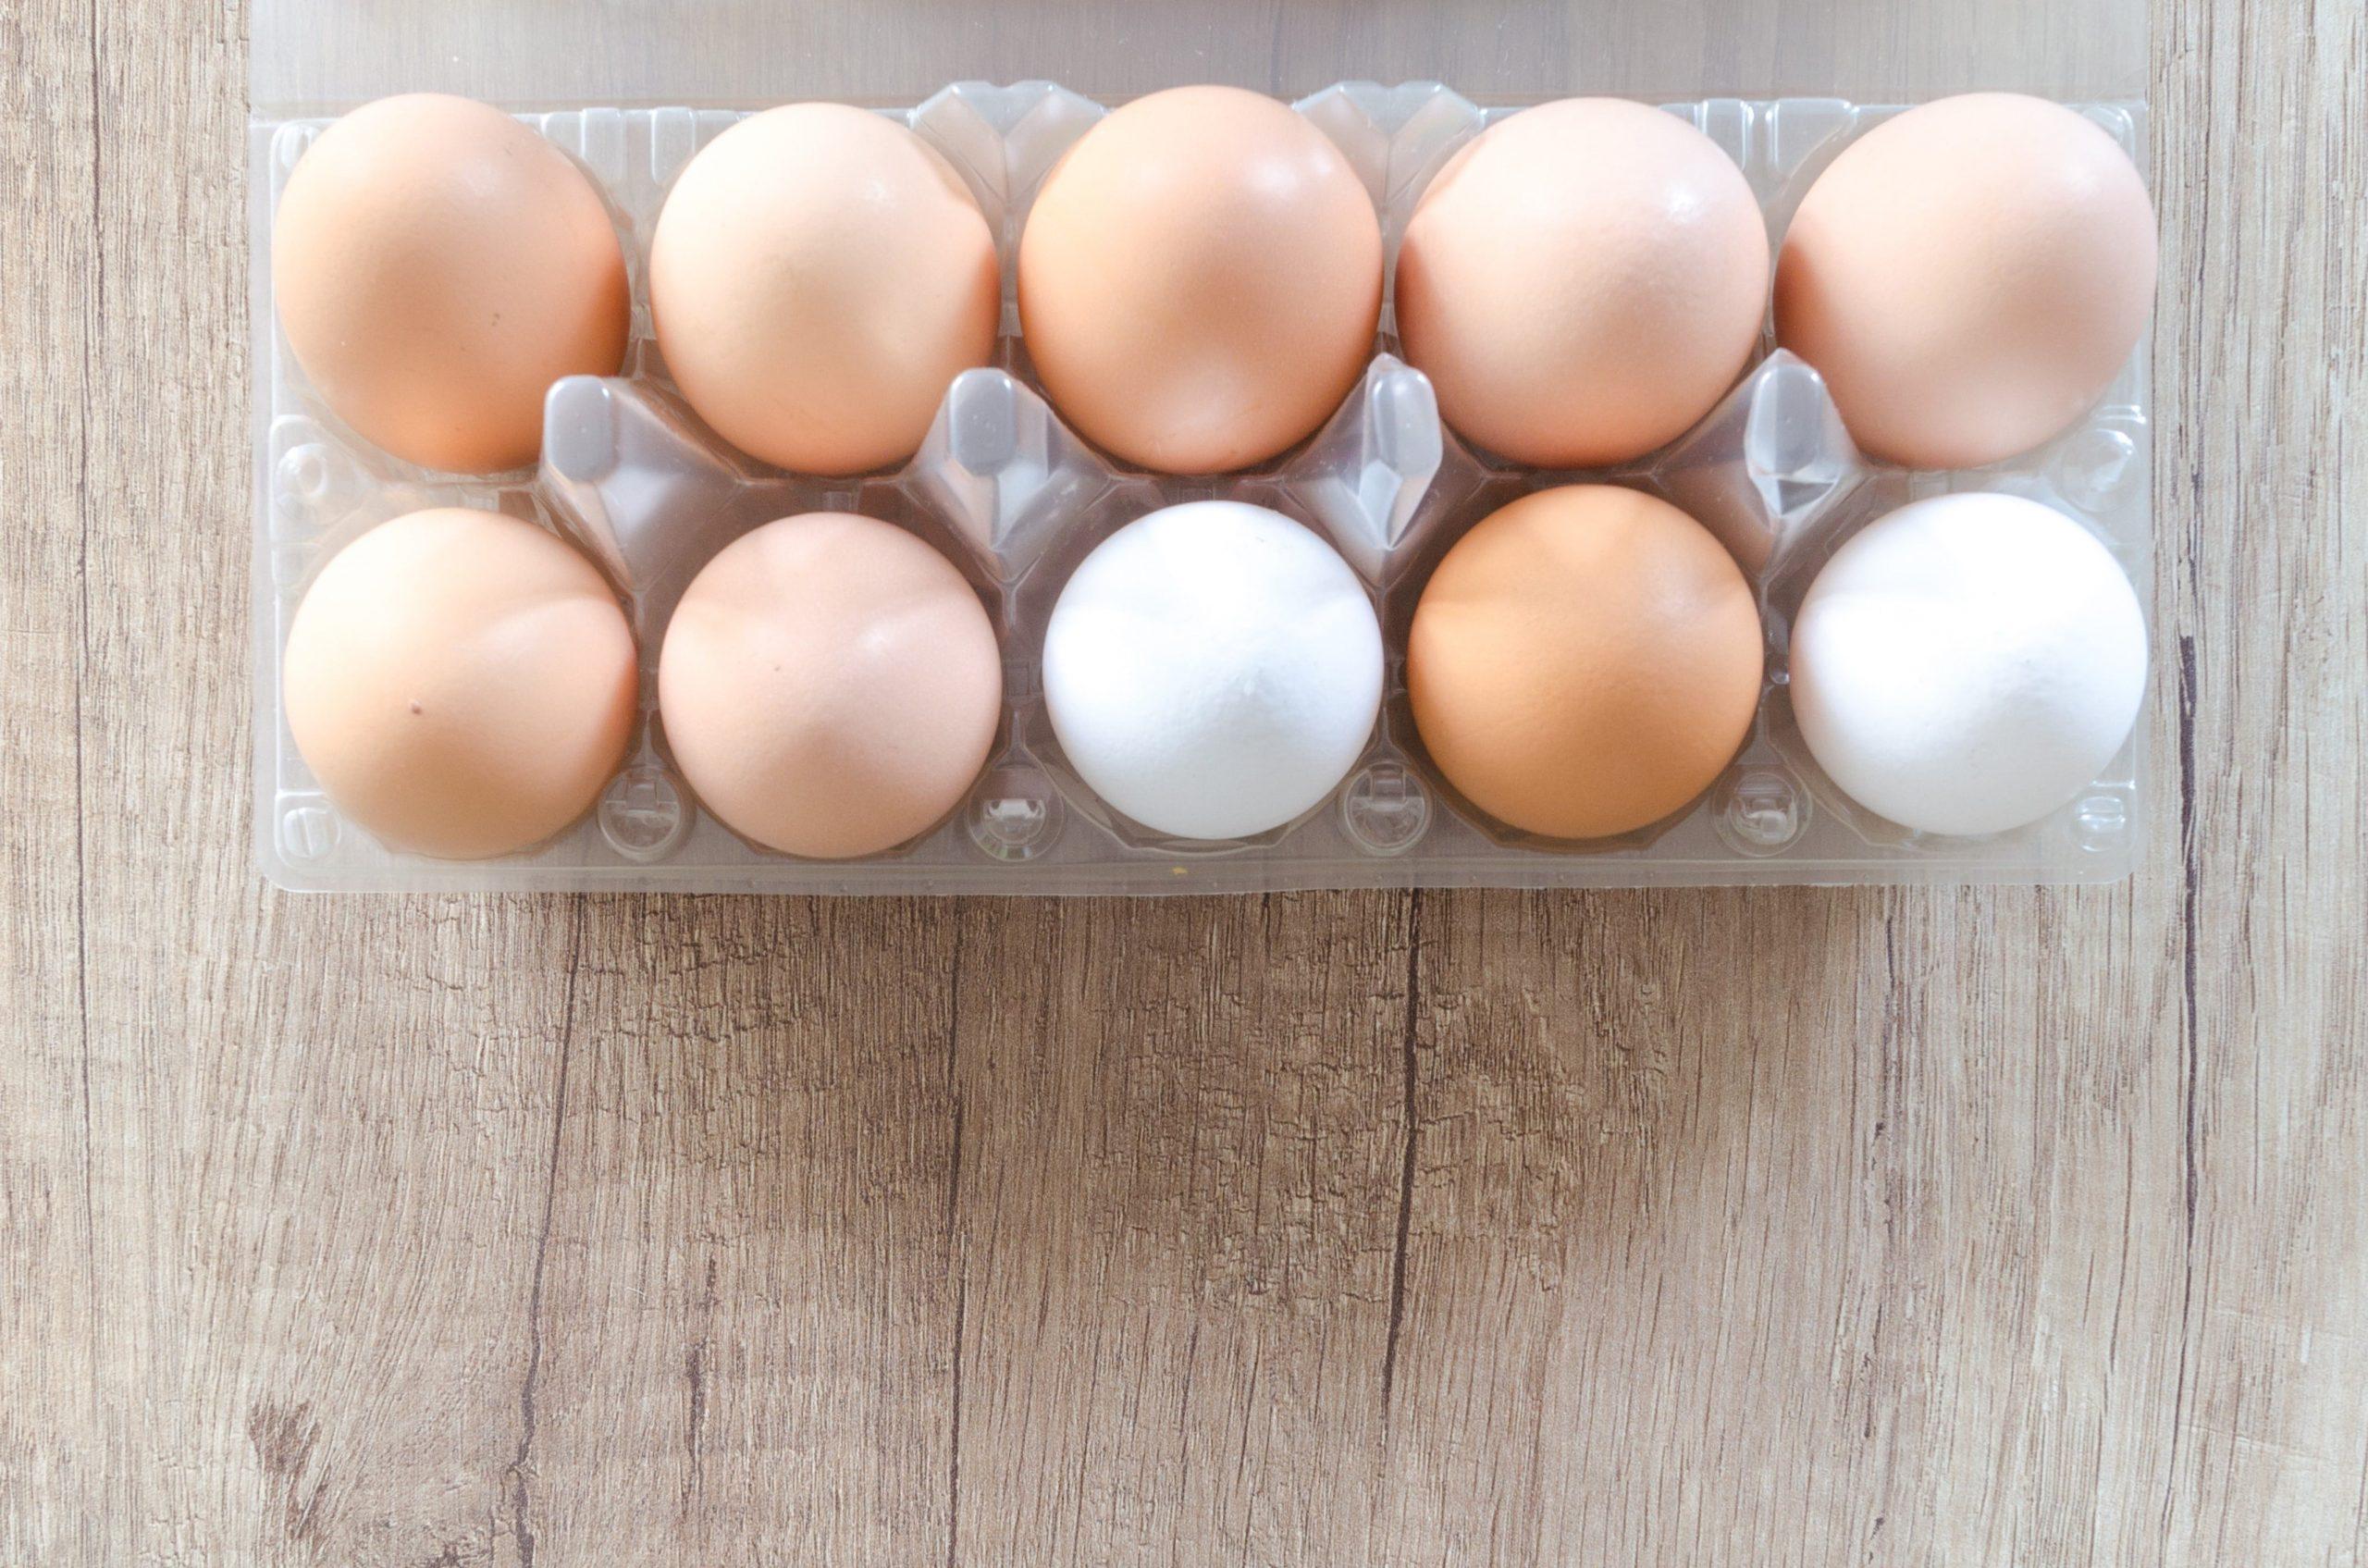 Discriminação ou descentralização? Ou o problema da galinha dos ovos de ouro